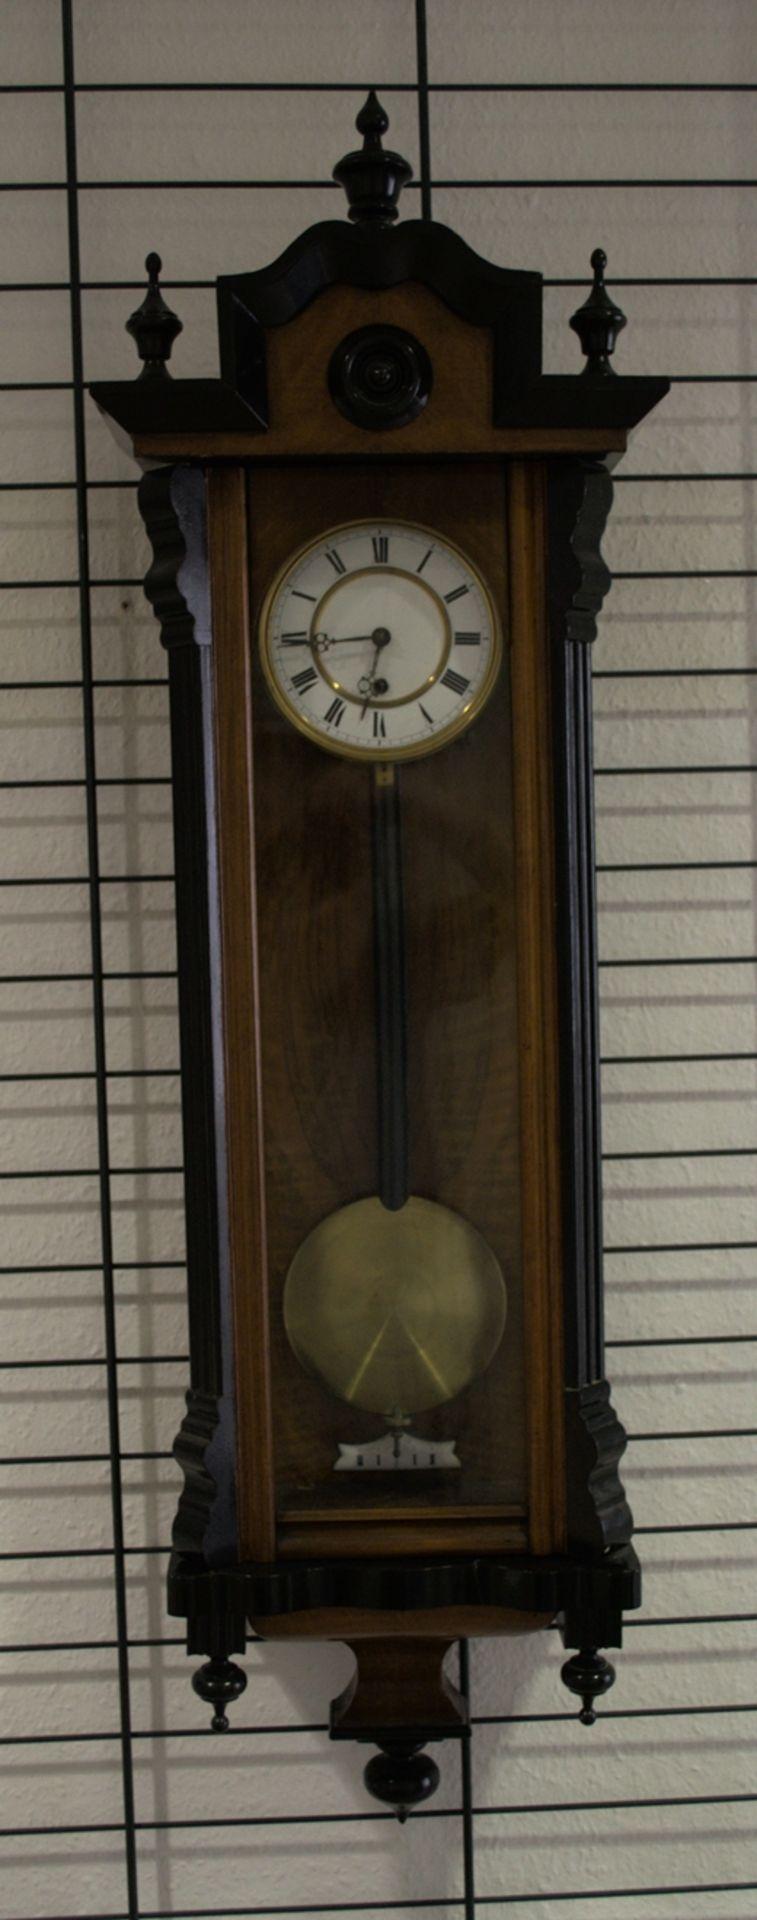 Wandregulator, eingewichtige, mechanische Wanduhr im Nussbaumgehäuse. Werk ungeprüft. Höhe ca. 95 - Bild 2 aus 19